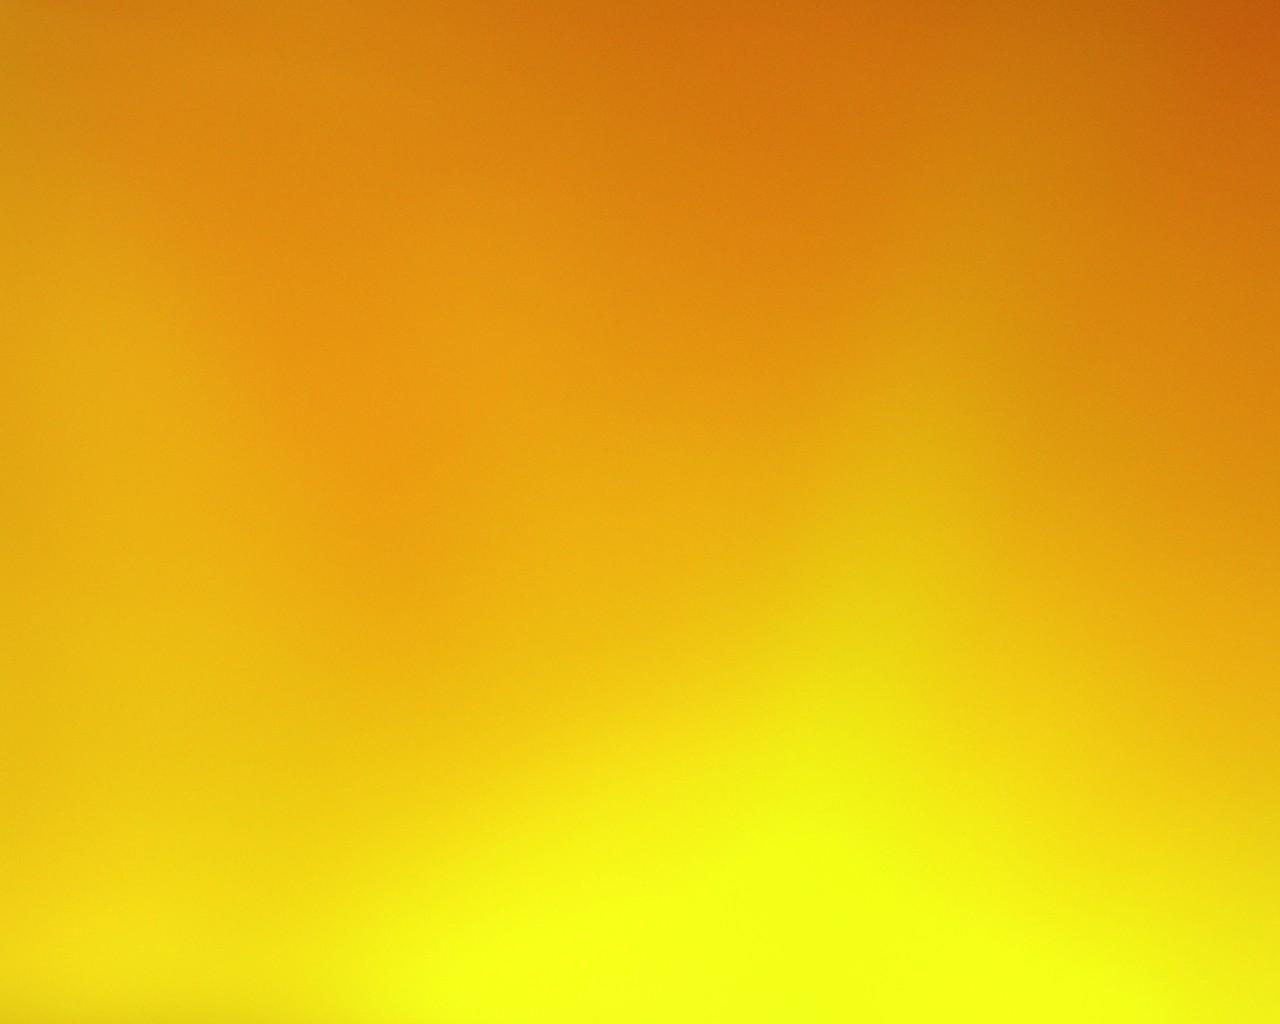 Jaunes Couleur-jaune